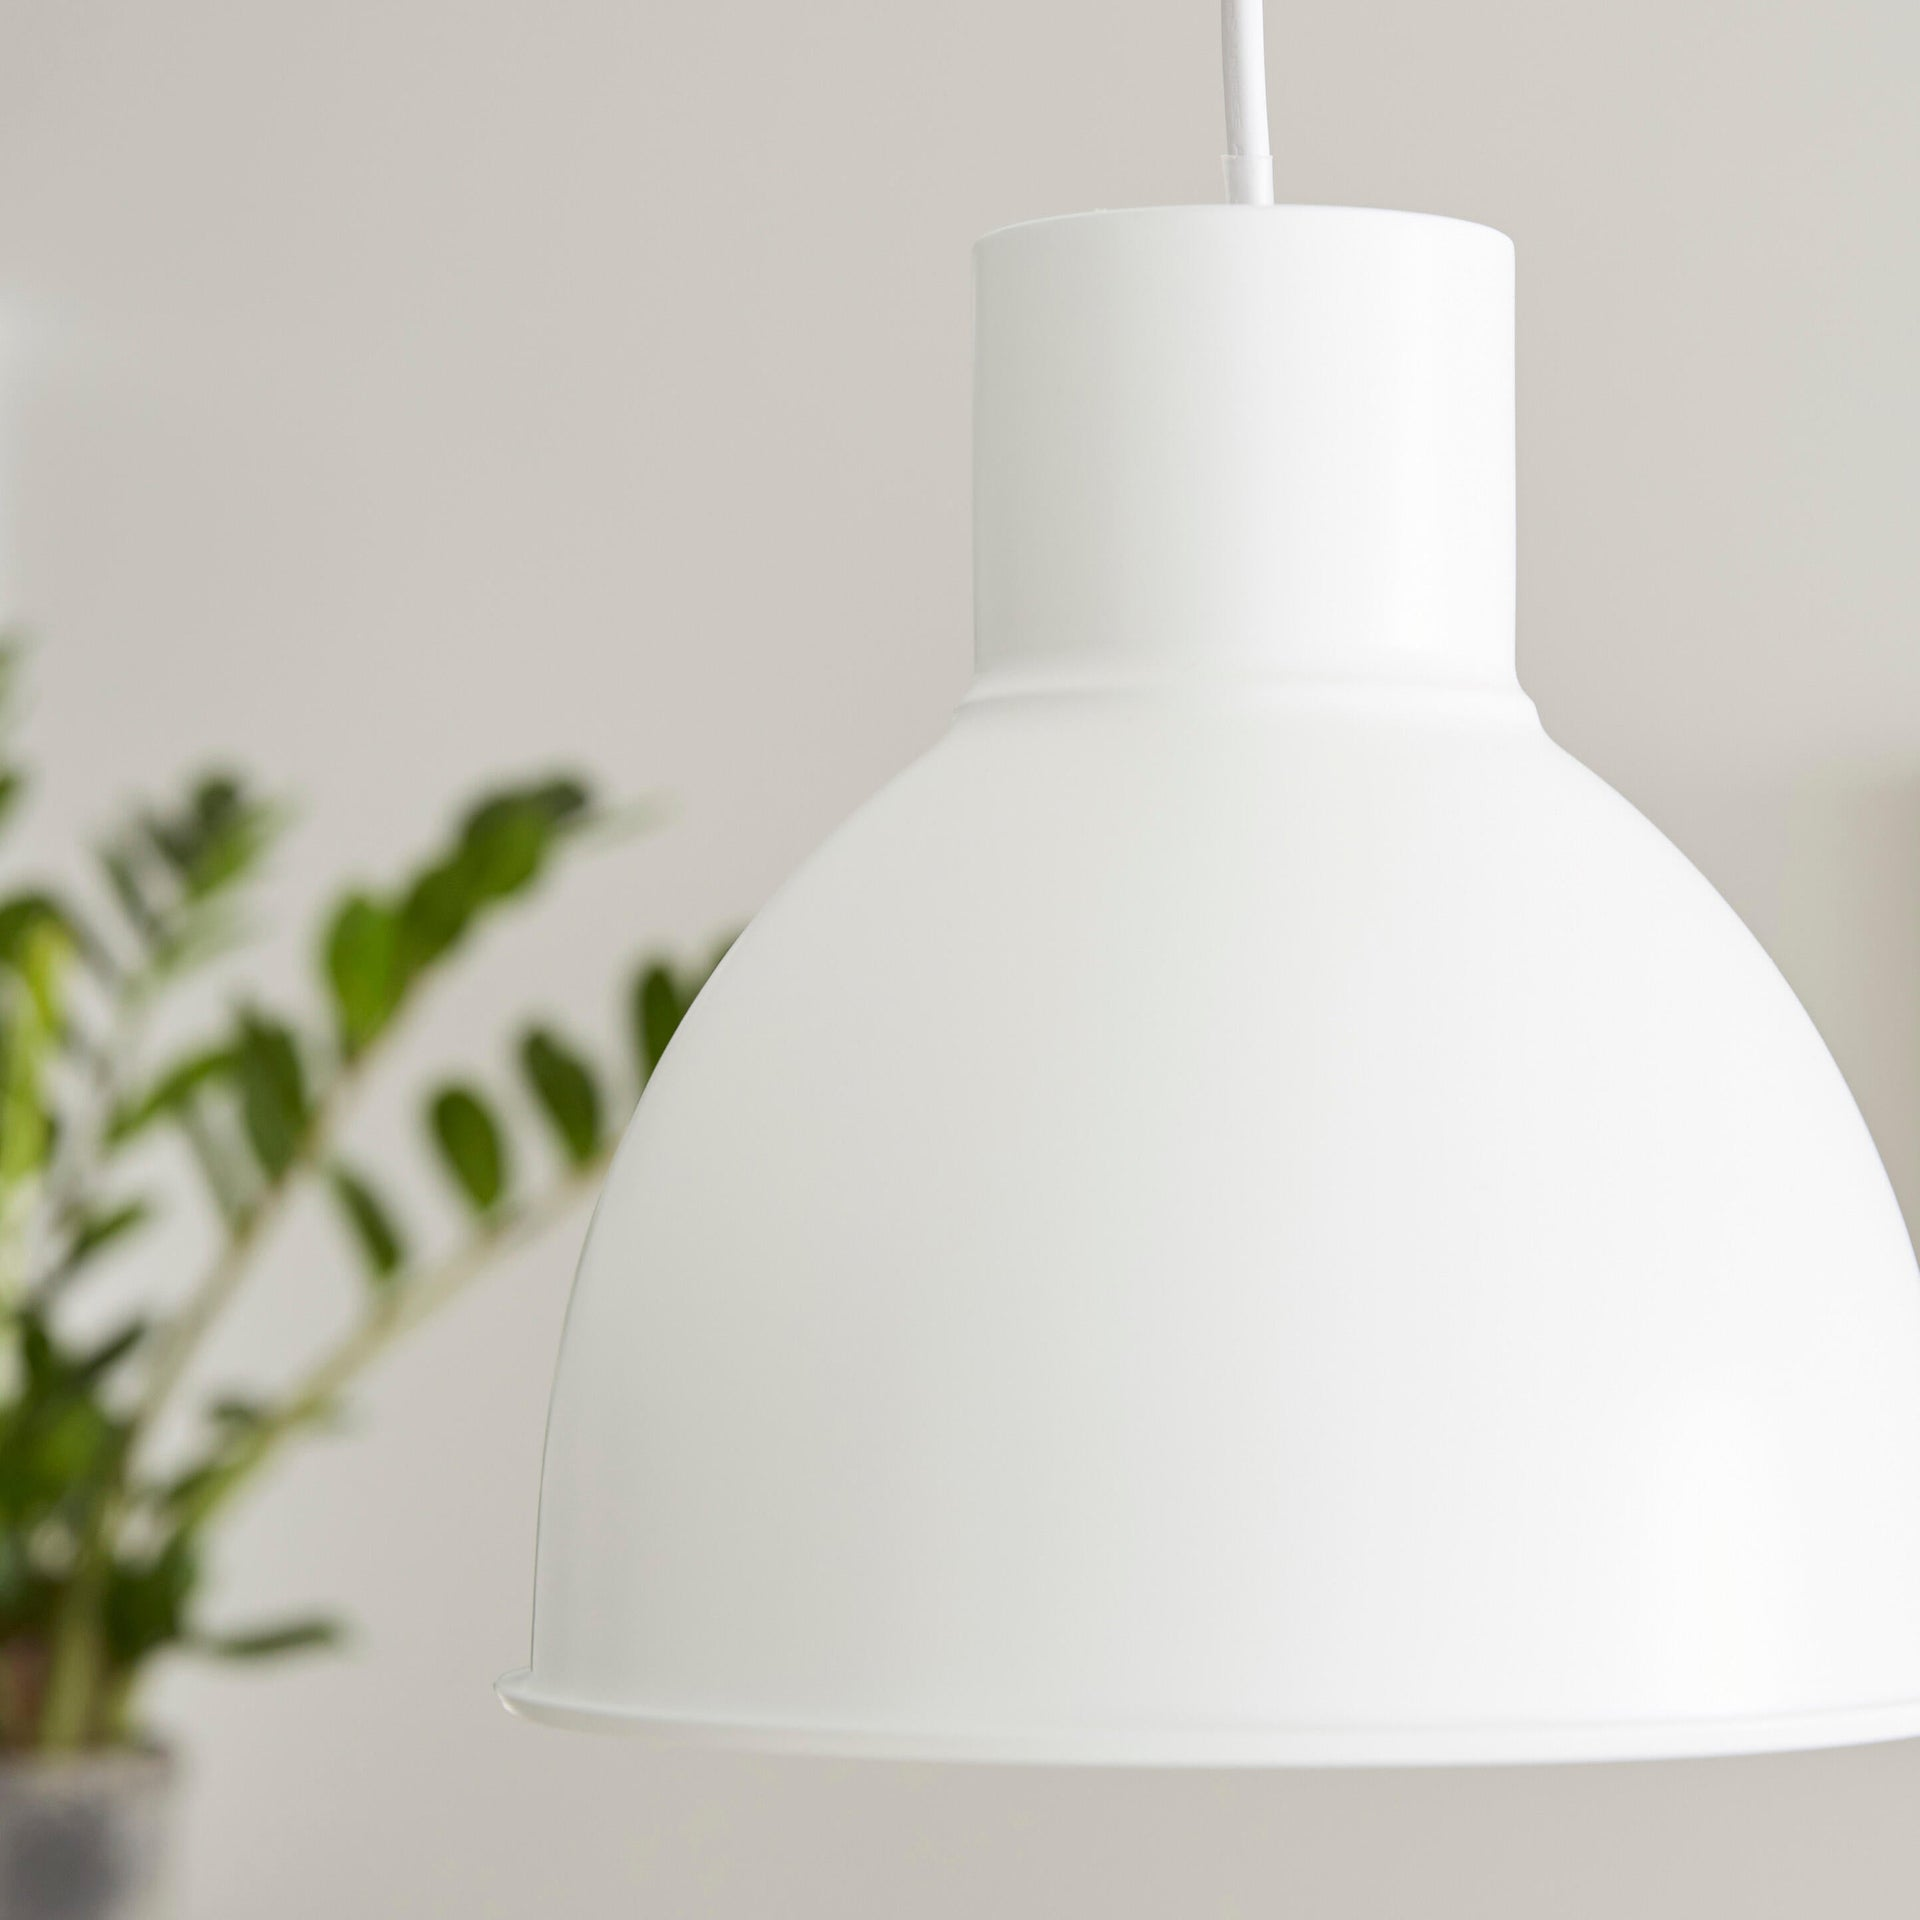 Lampadario Scandinavo Melga bianco in metallo, D. 20 cm, INSPIRE - 2